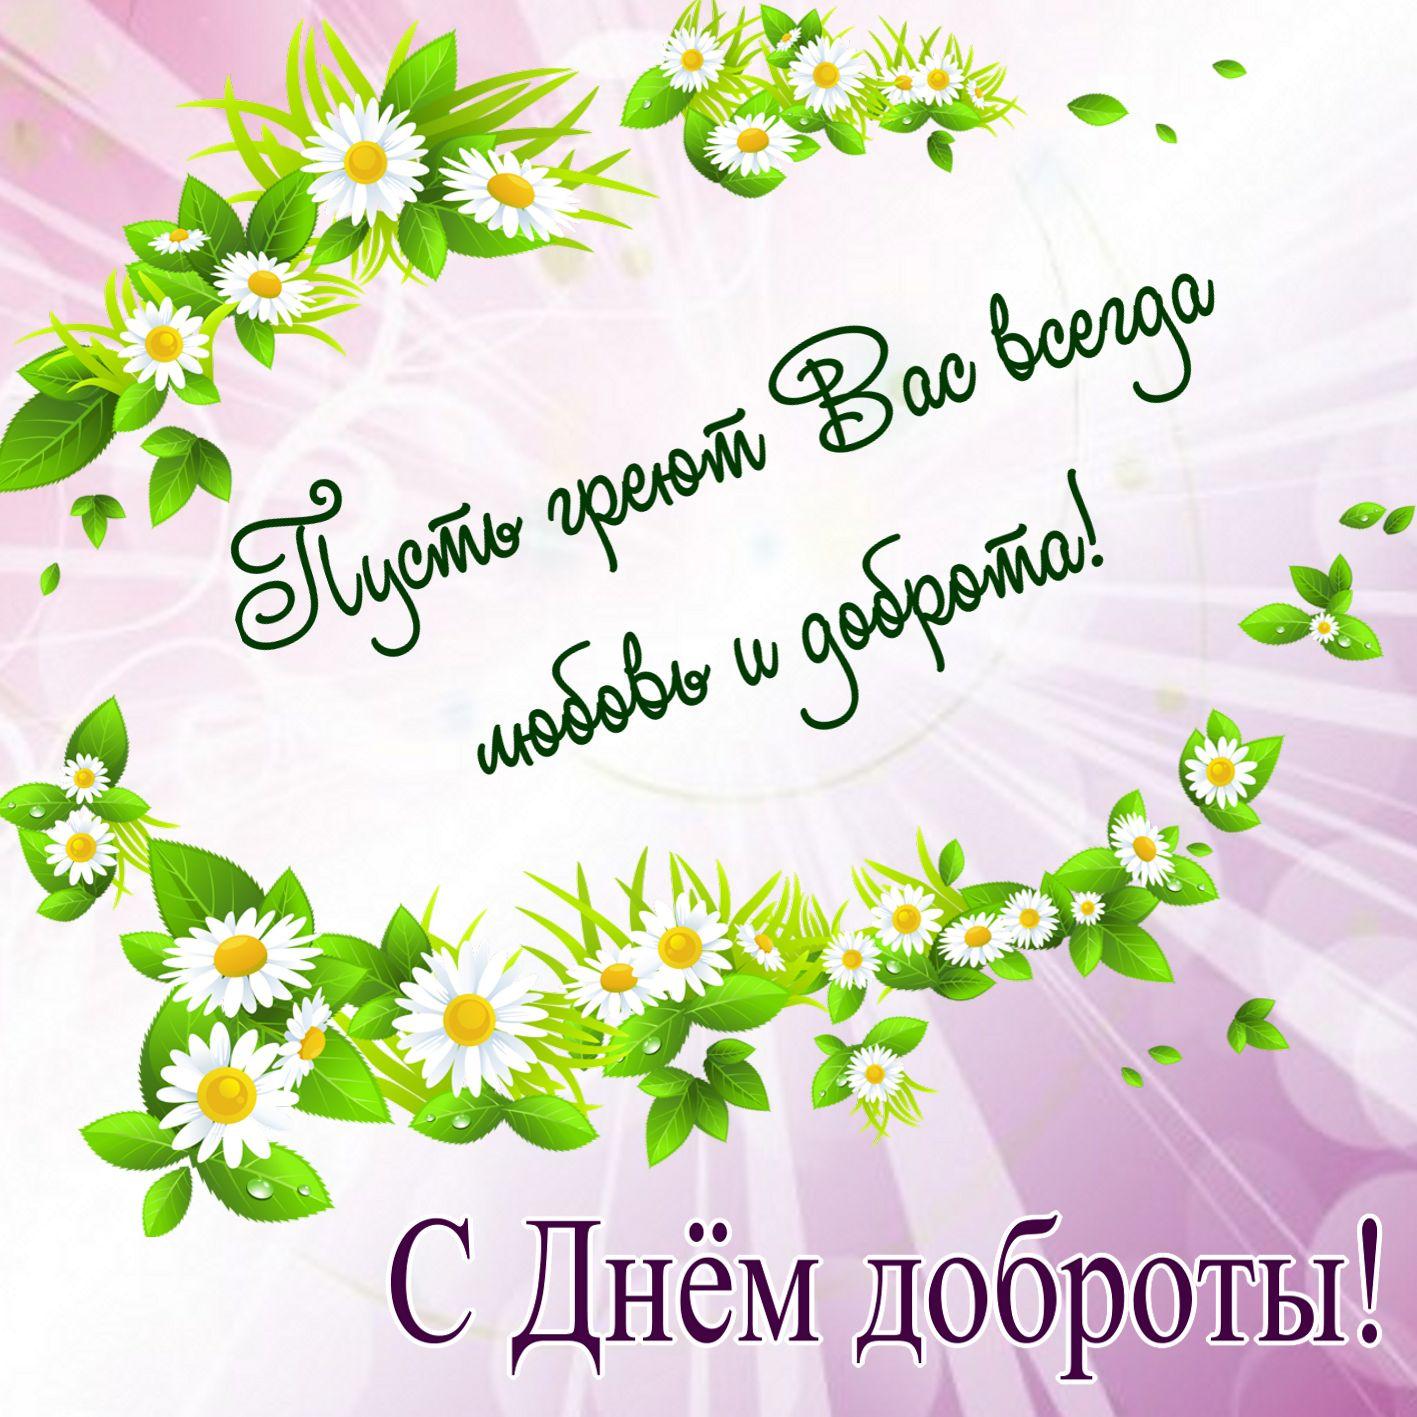 17 февраля - открытки на праздник день доброты - Бесплатные